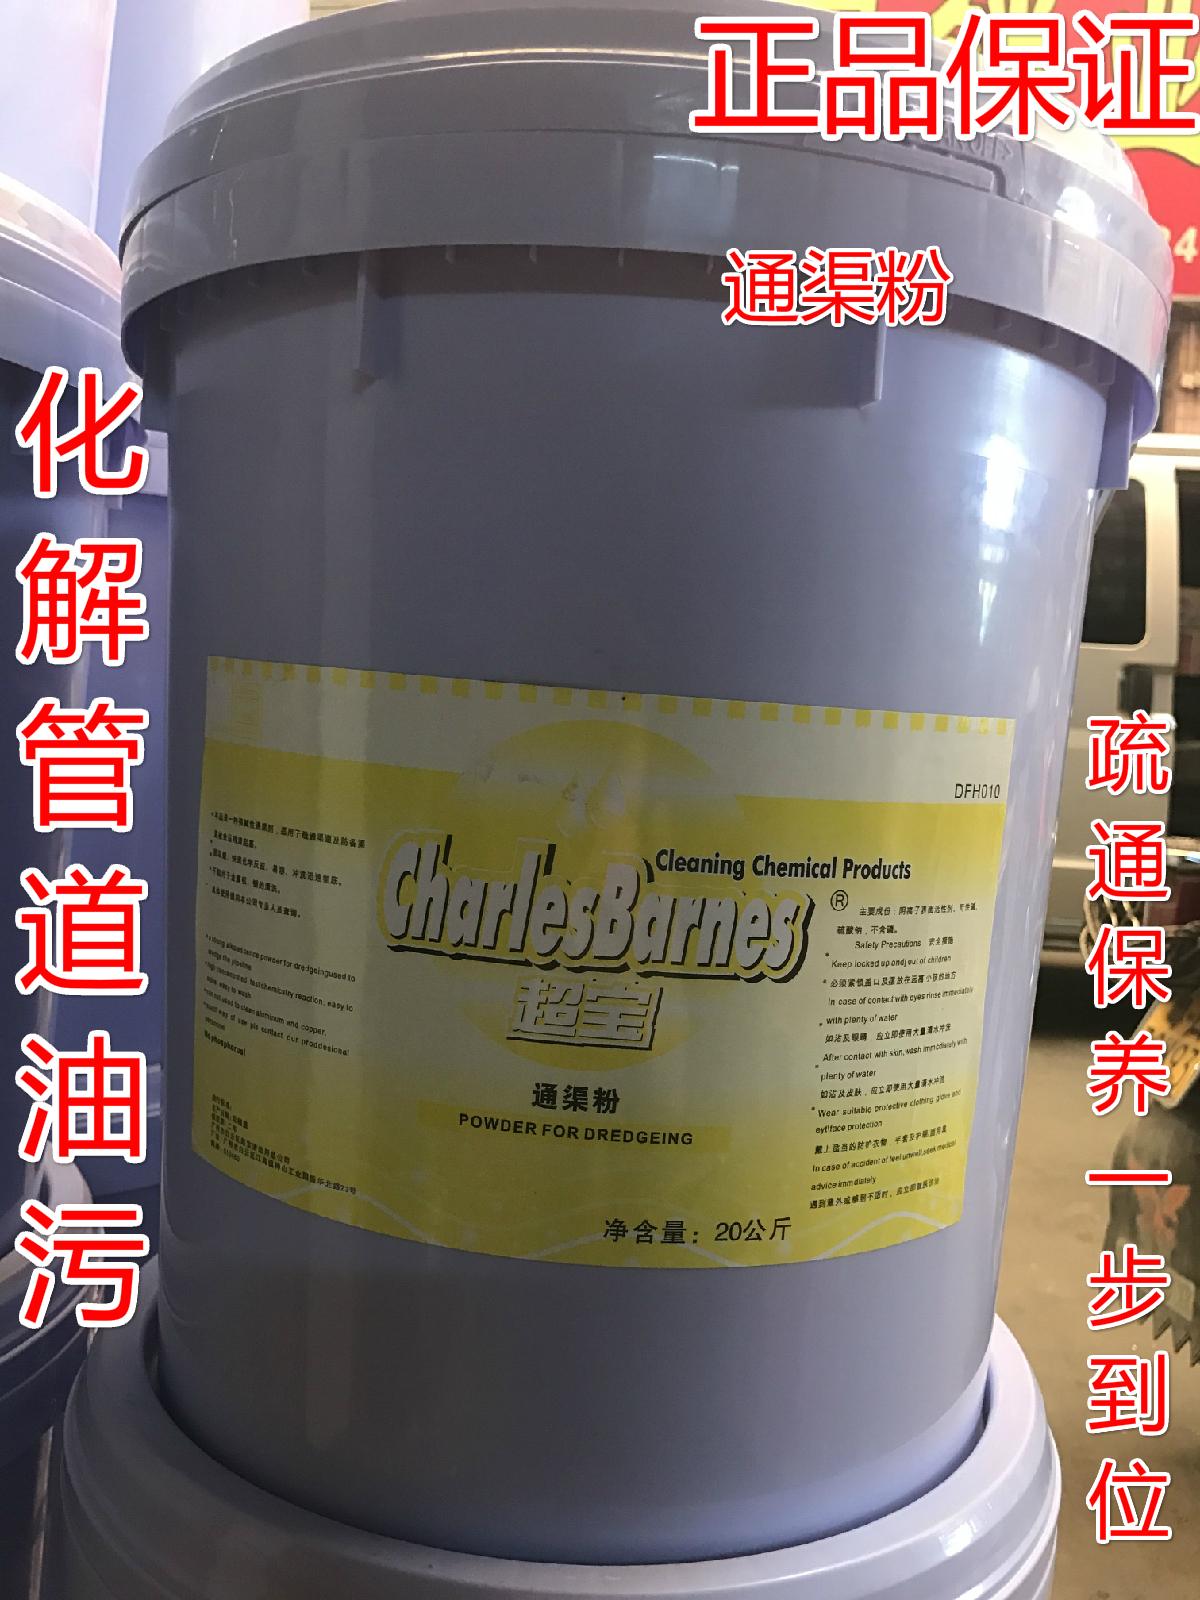 El drenaje de aceite de cocina DFH009 polvo para limpiar el tubo de desagüe ultra - ultra - boutique de 20kg.